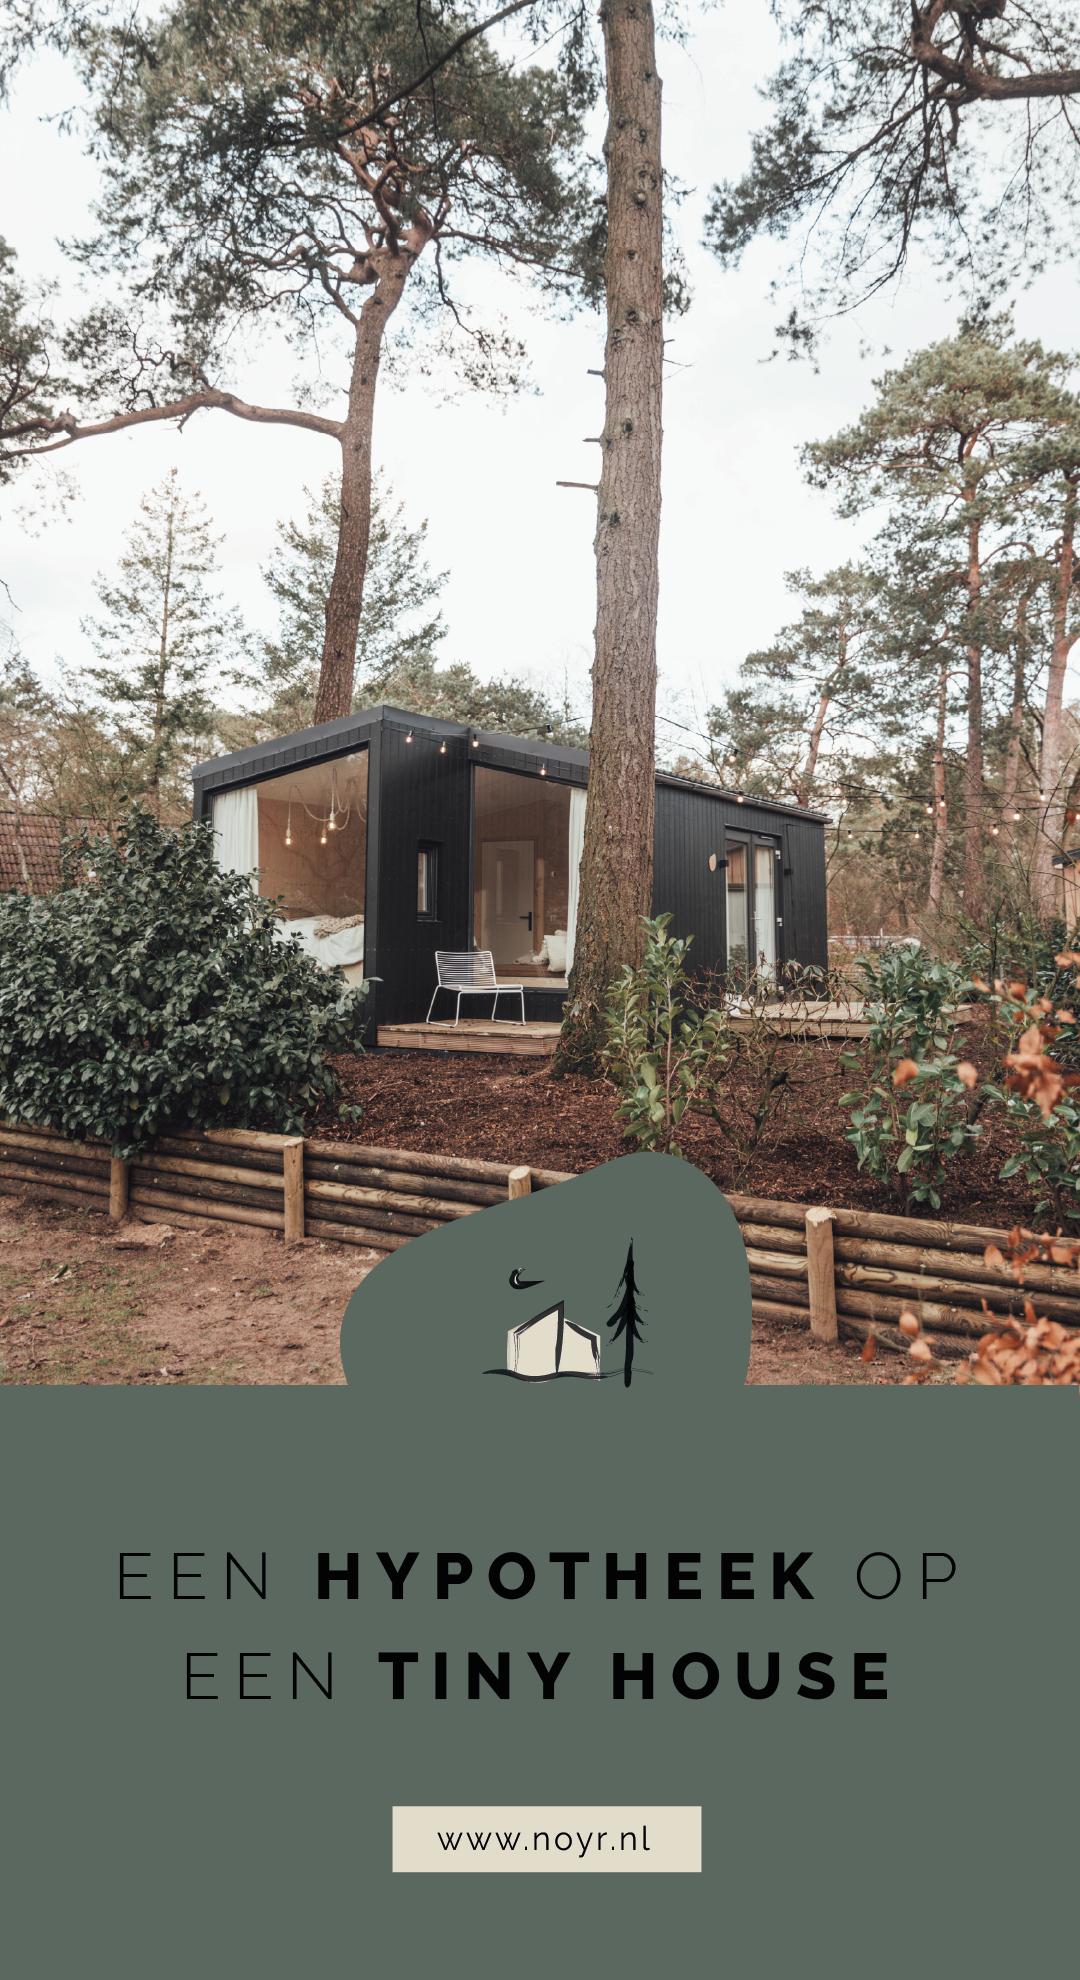 Financieringsmogelijkheden tiny house | Hypotheek tiny house | Hoe financier je een tiny house